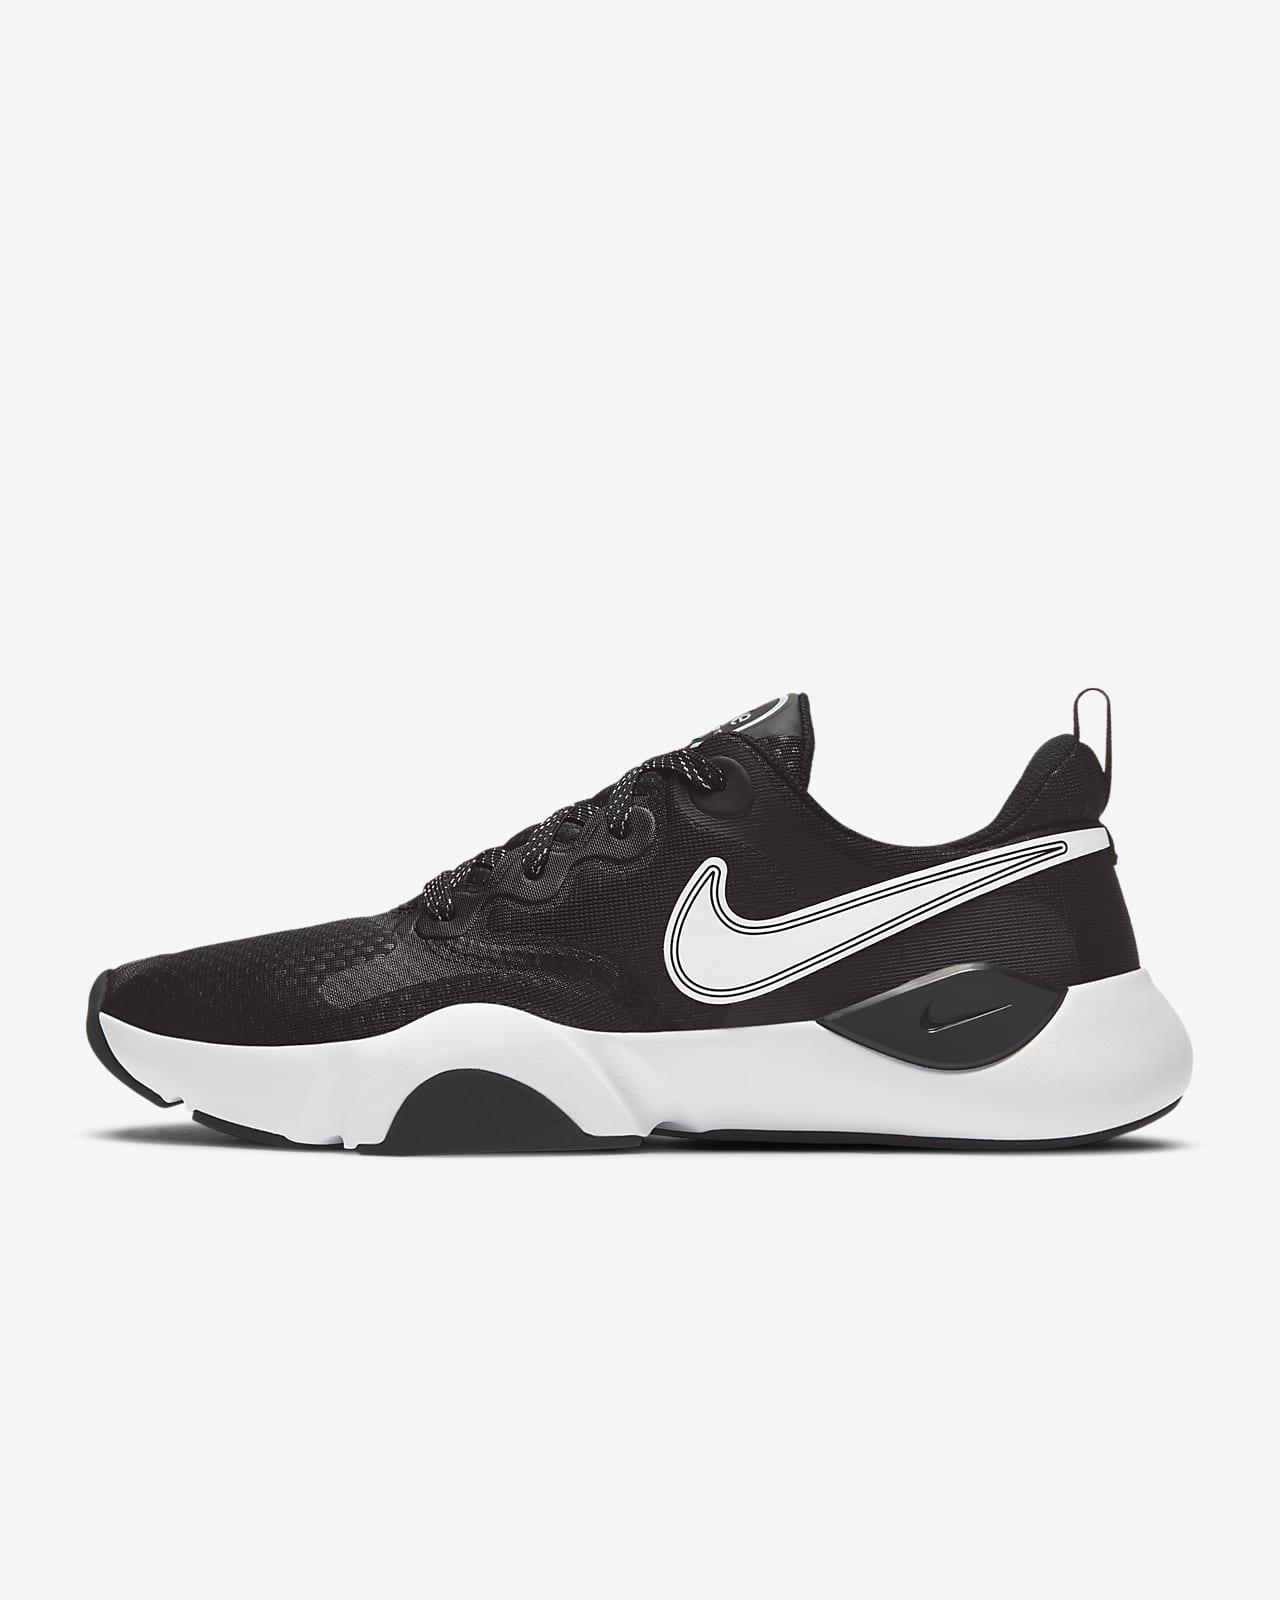 รองเท้าเทรนนิ่งผู้ชาย Nike SpeedRep